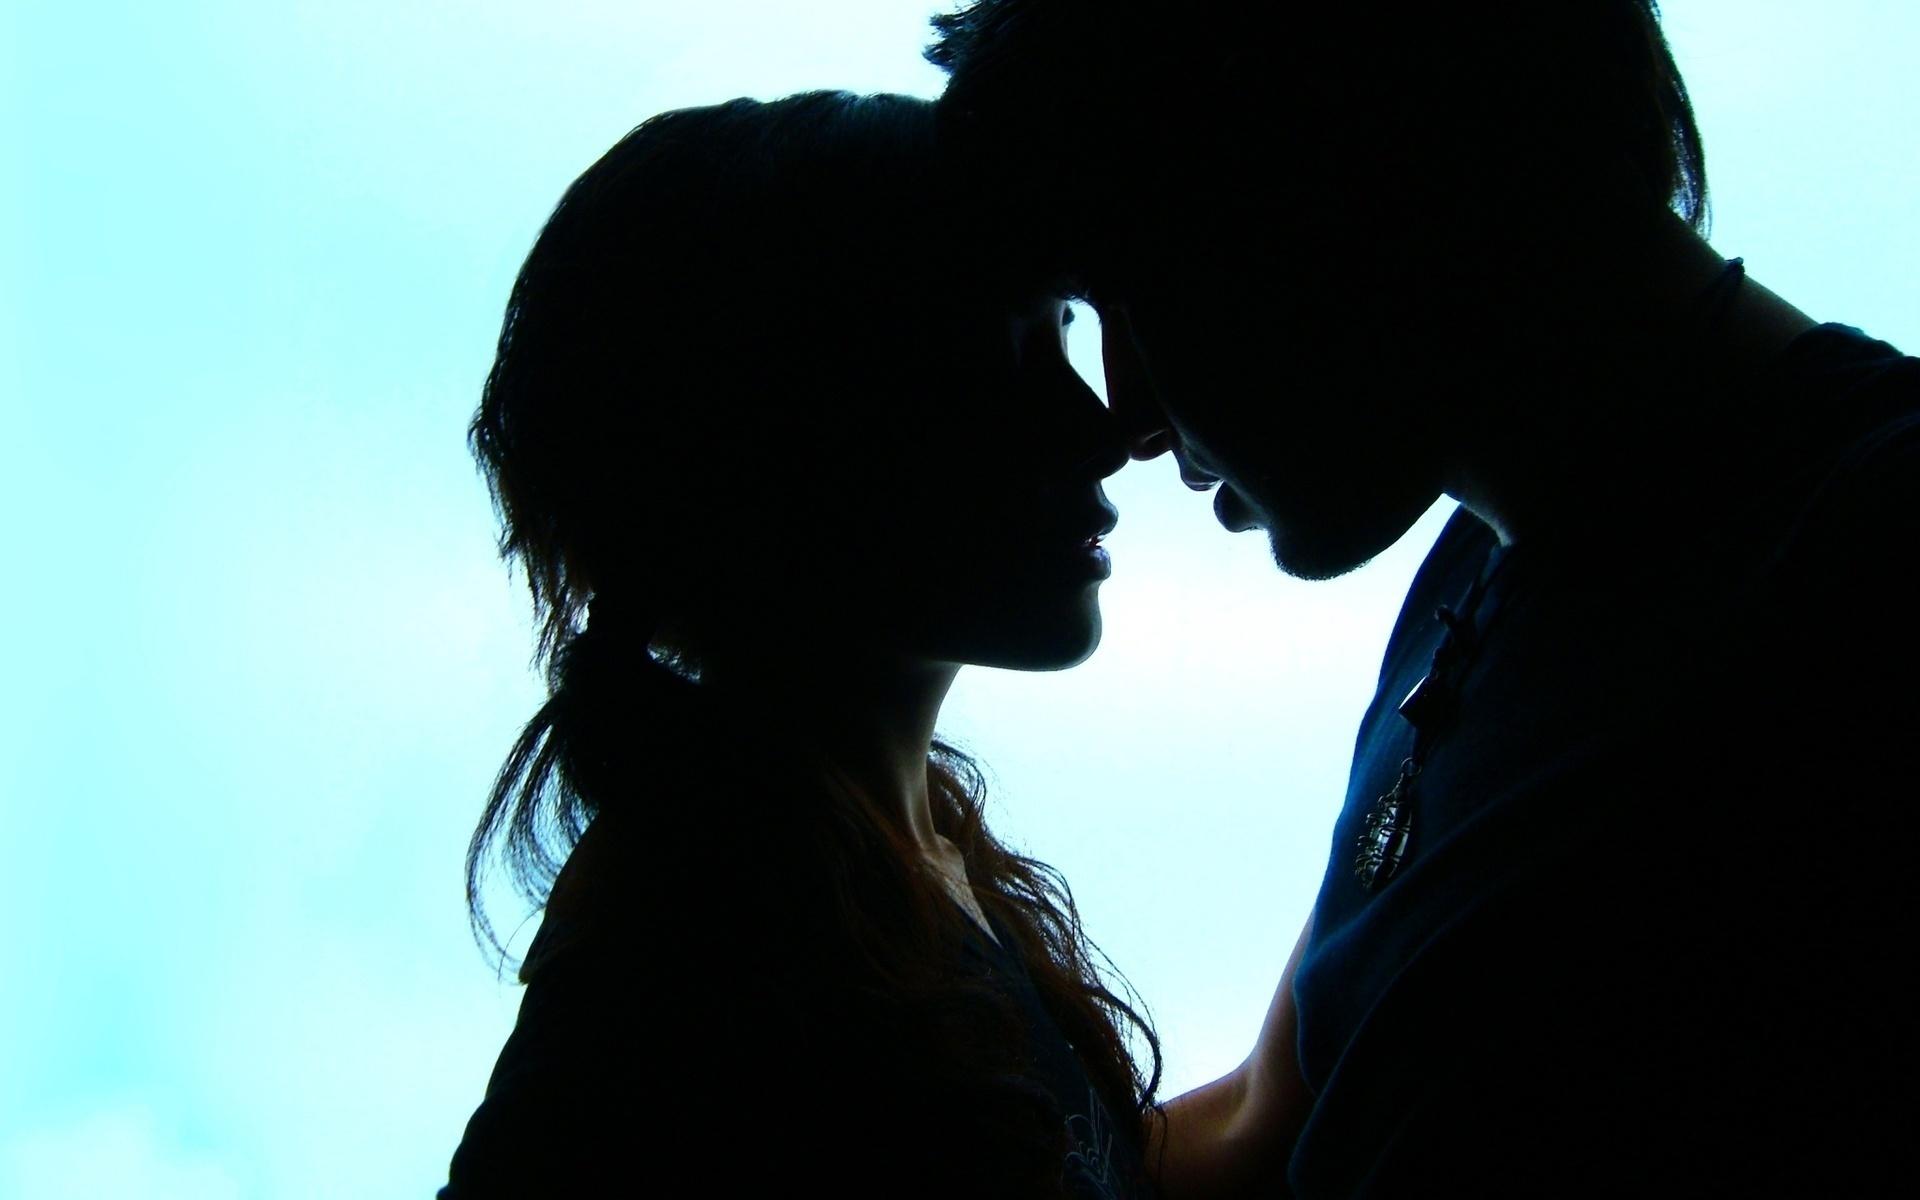 грустный поцелуй картинки